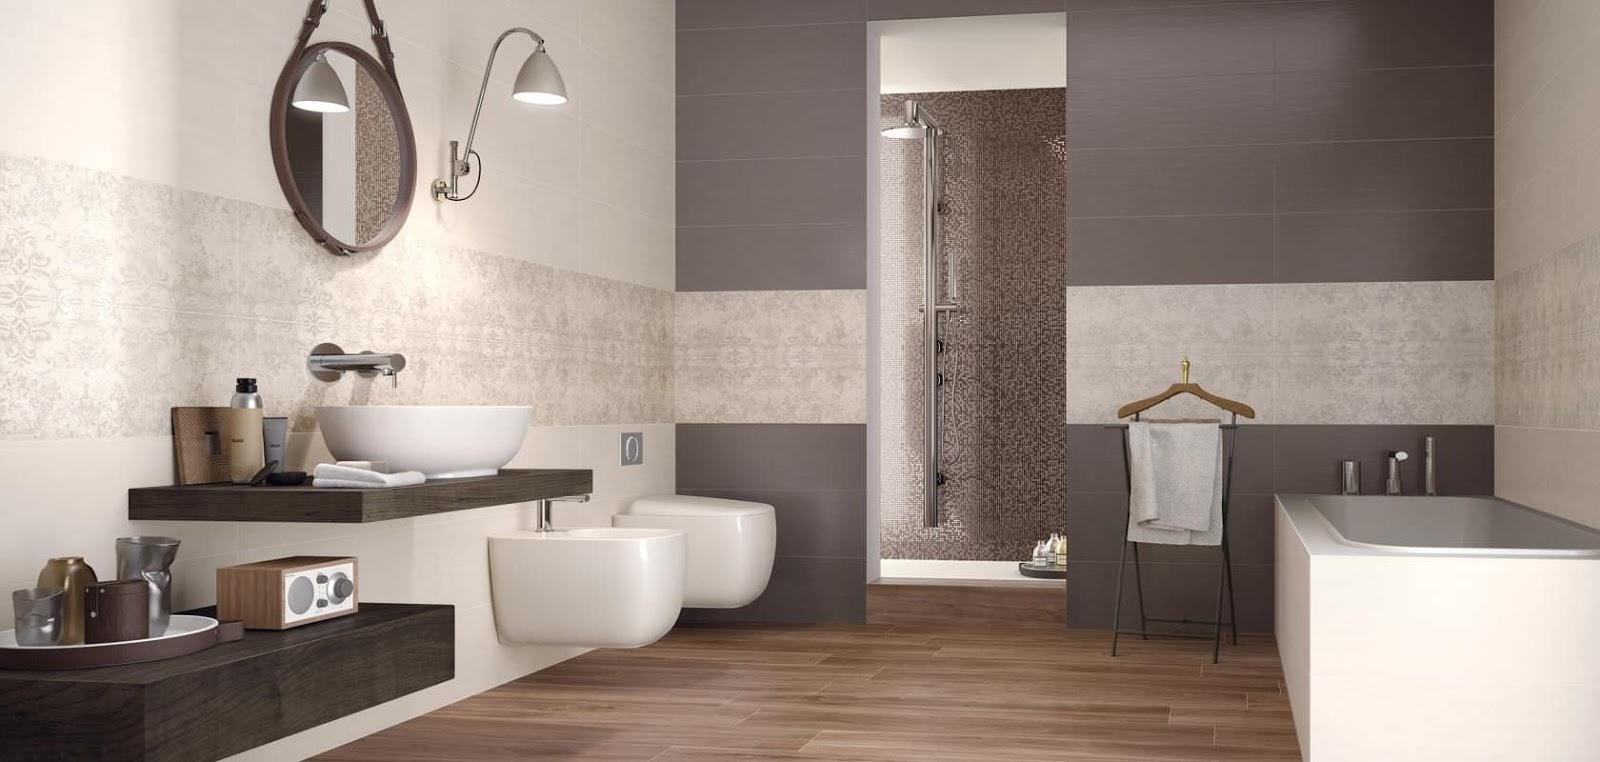 صوره سيراميك حمامات 2019 , اجدد تصميمات سيراميك للحمام